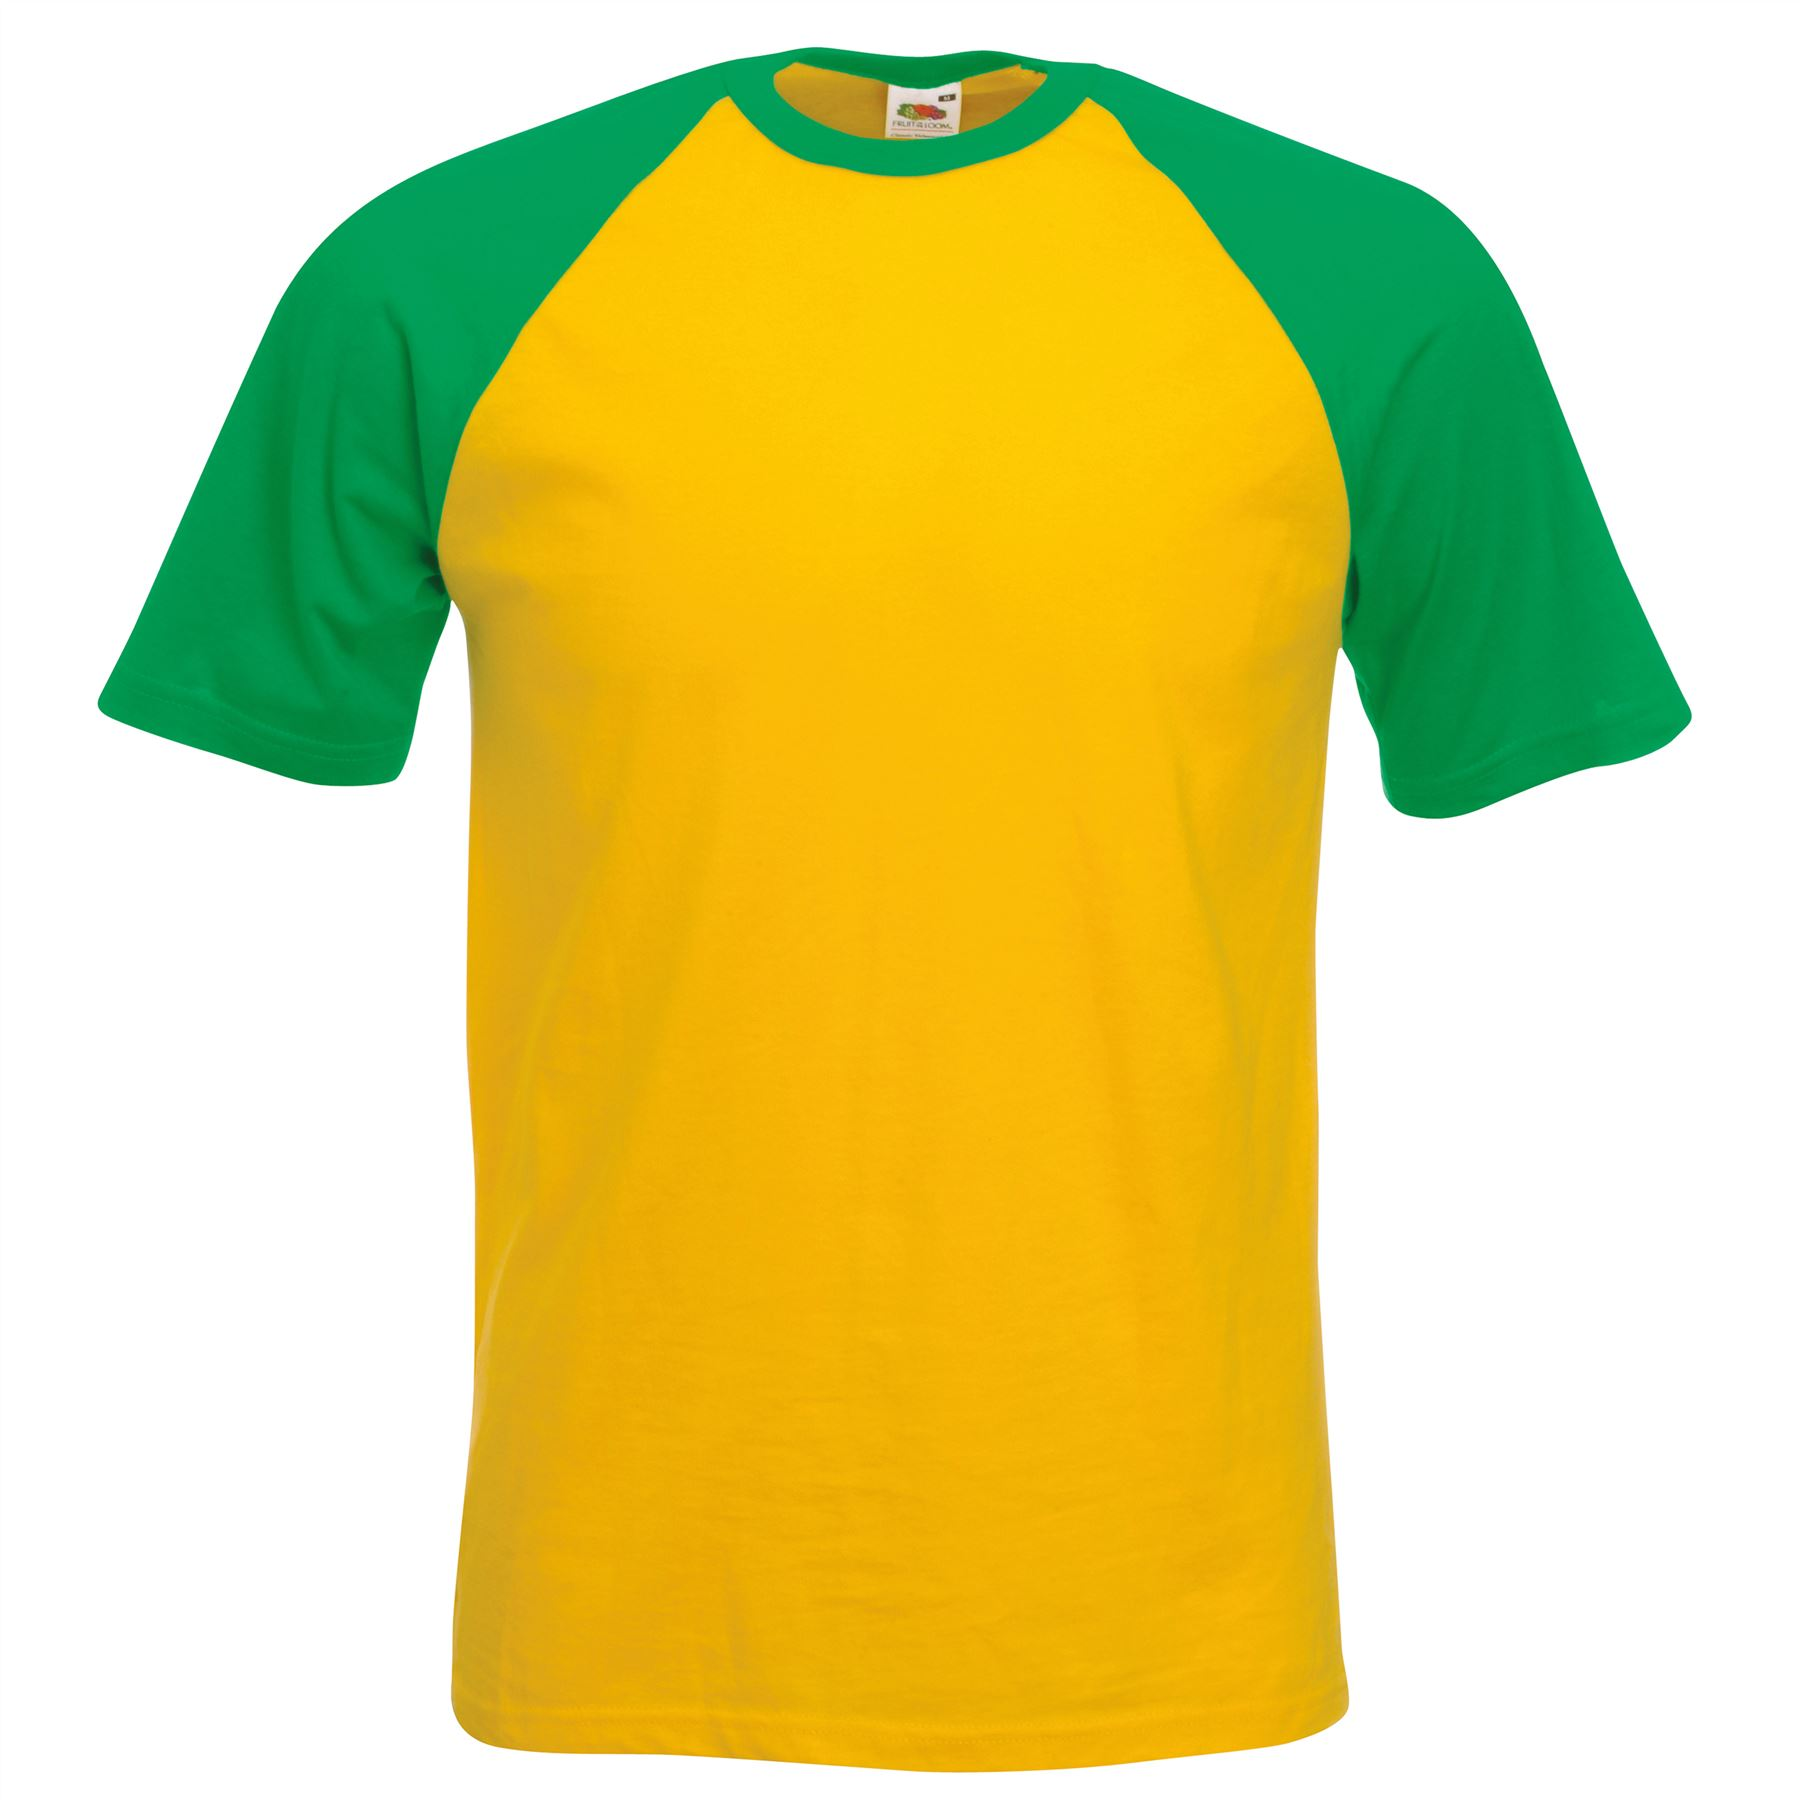 Fruit of the loom fotl men 39 s short sleeve baseball tee for Best baseball t shirts